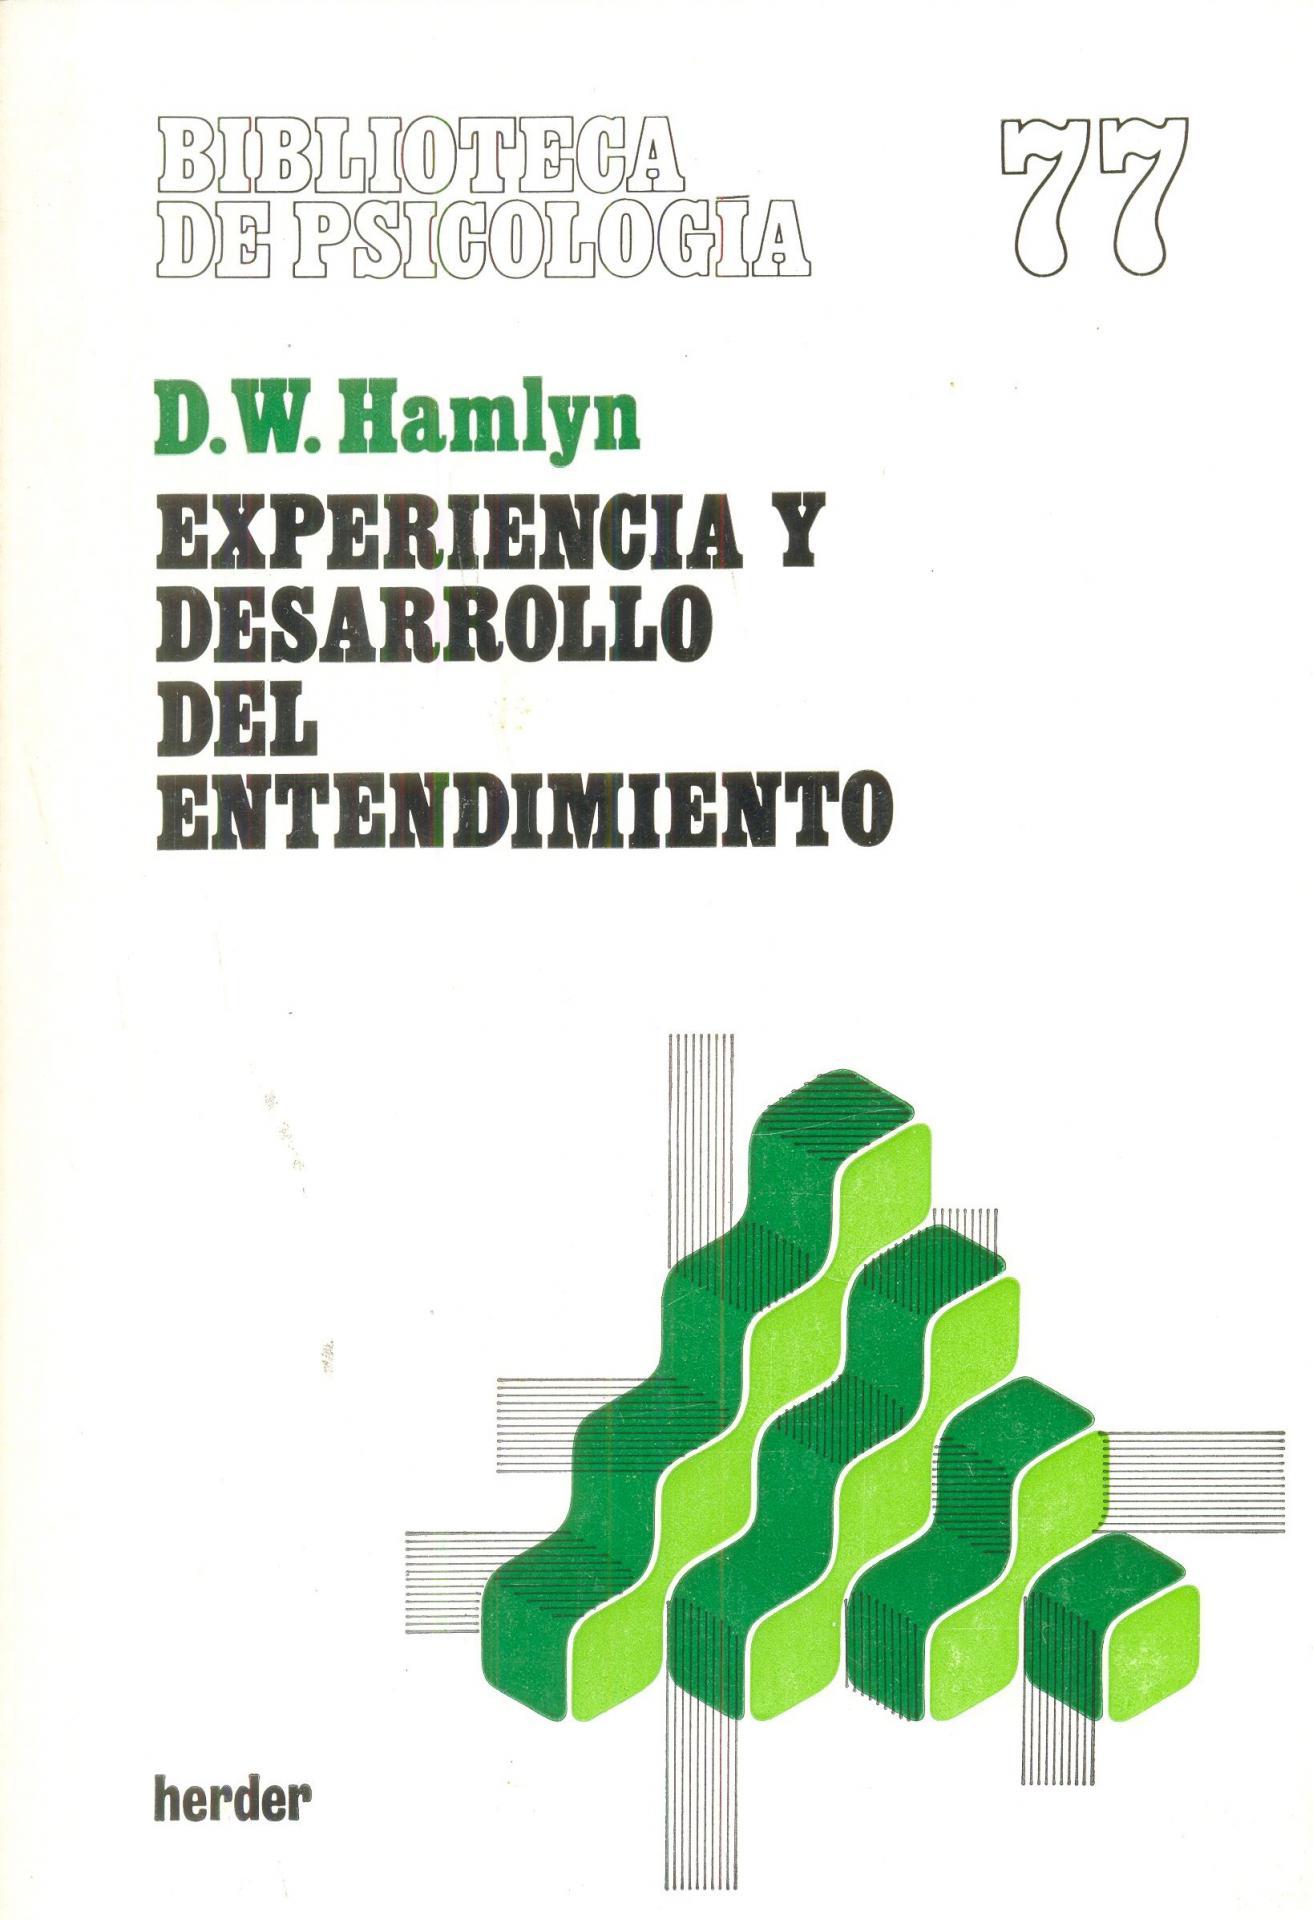 EXPERIENCIA Y DESARROLLO DEL ENTENDIMIENTO. Hamlyn, D.W.